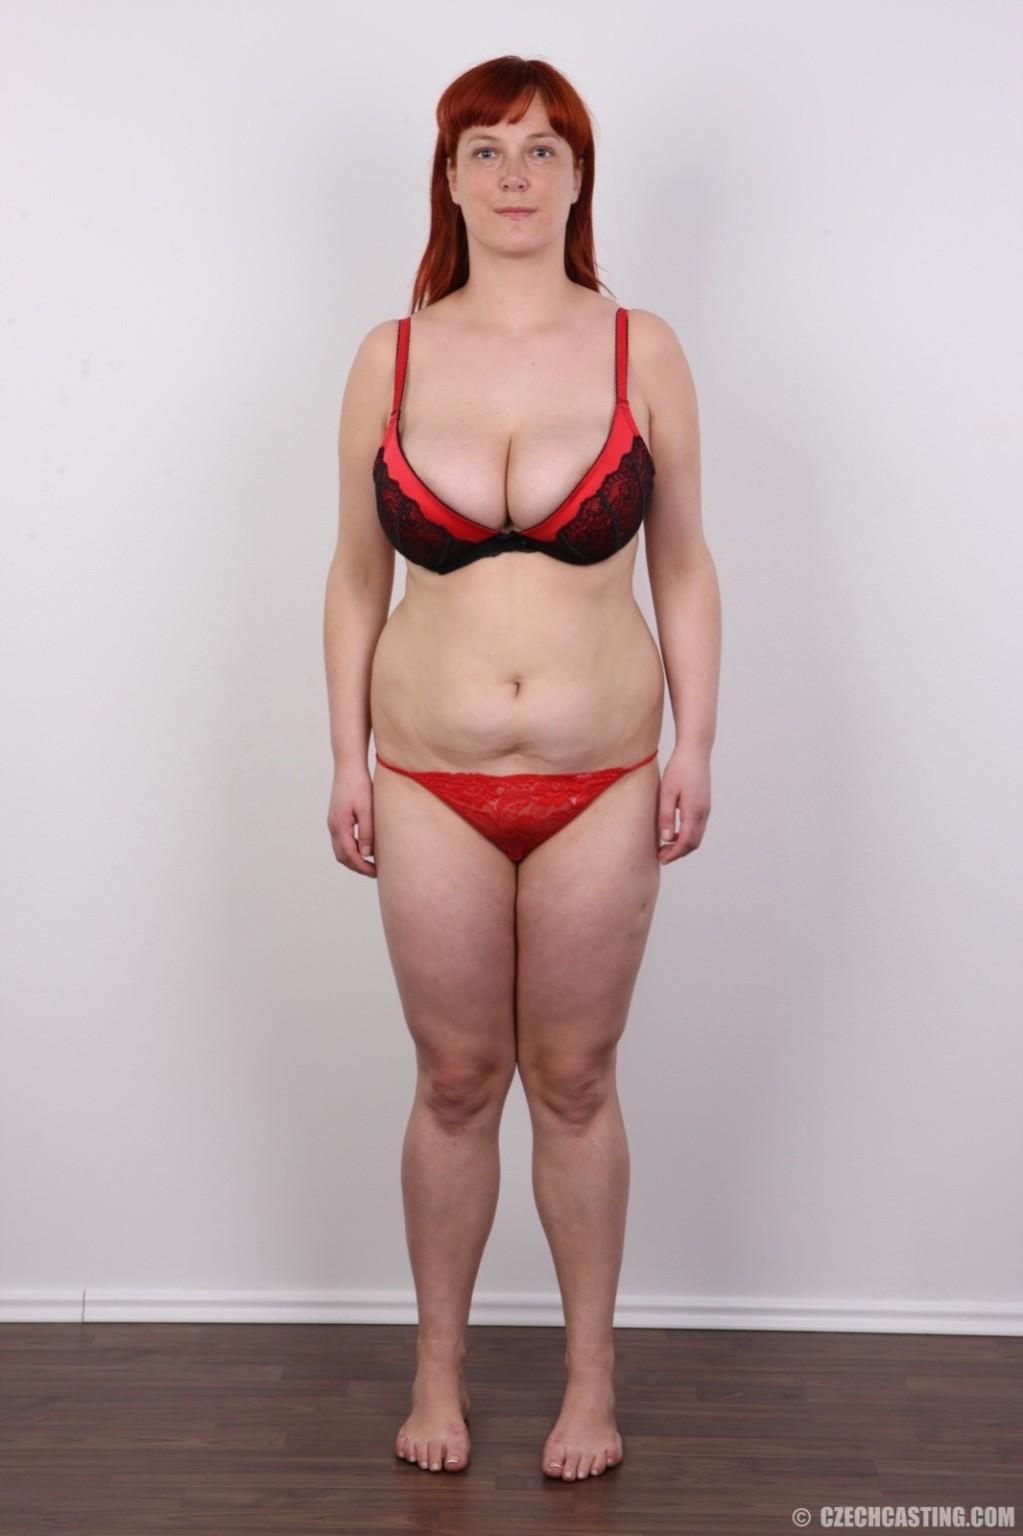 Порно фото толстых, Фото голых толстых баб